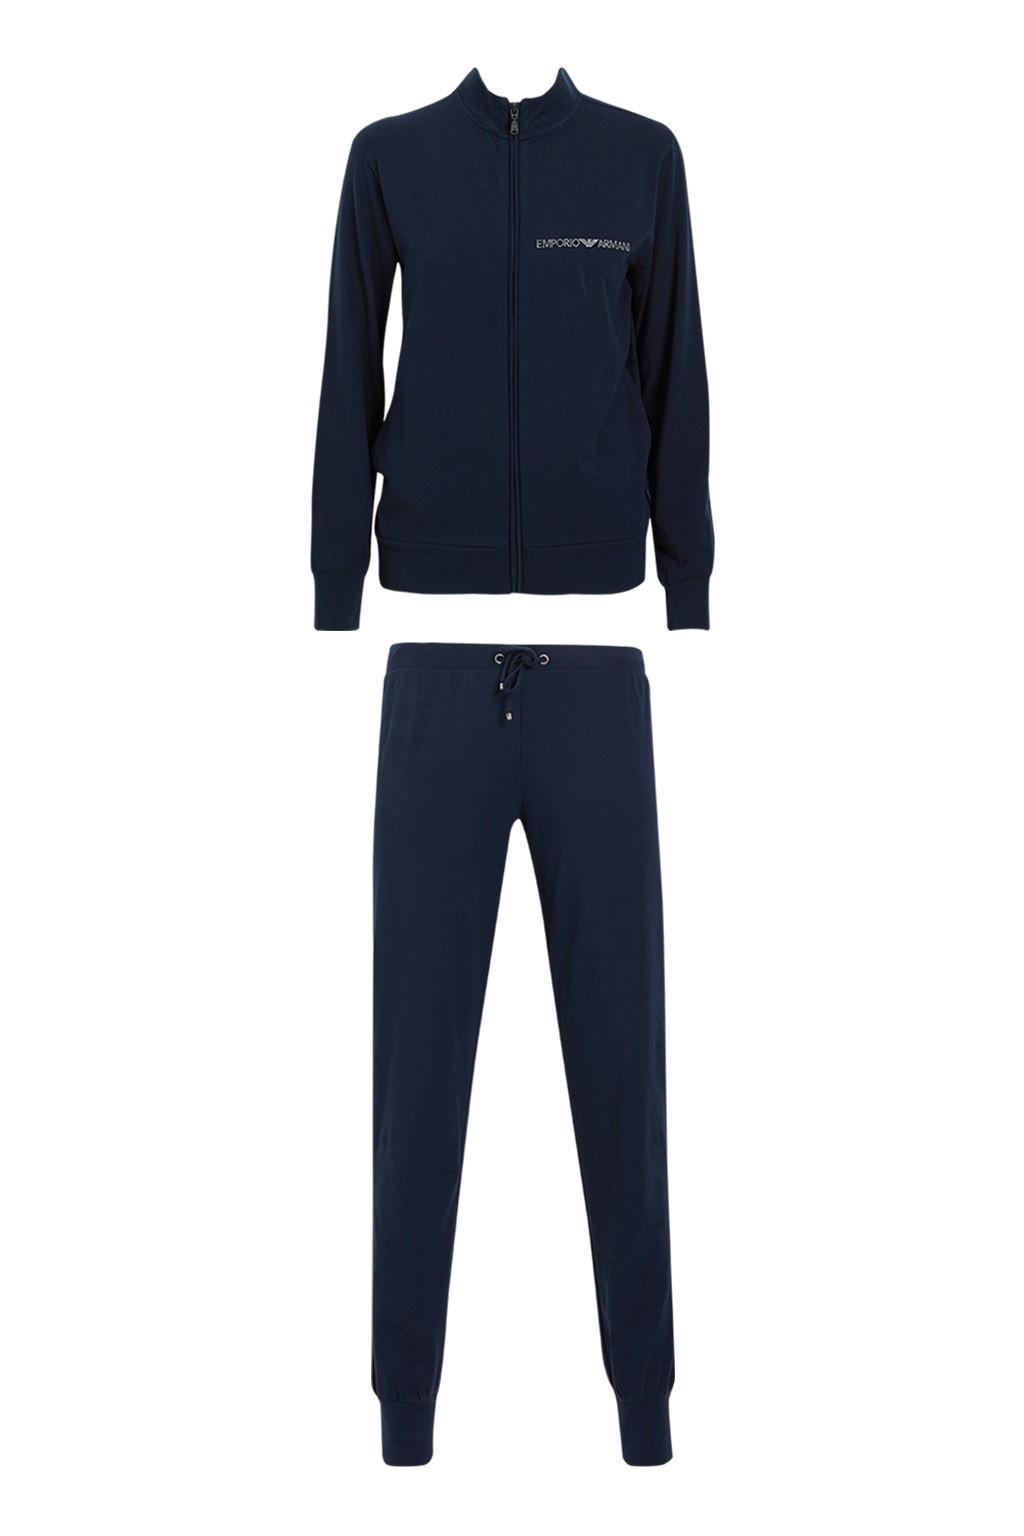 Dámské pyžamo 164146 CC270 00135 modrá - Emporio Armani modrá L